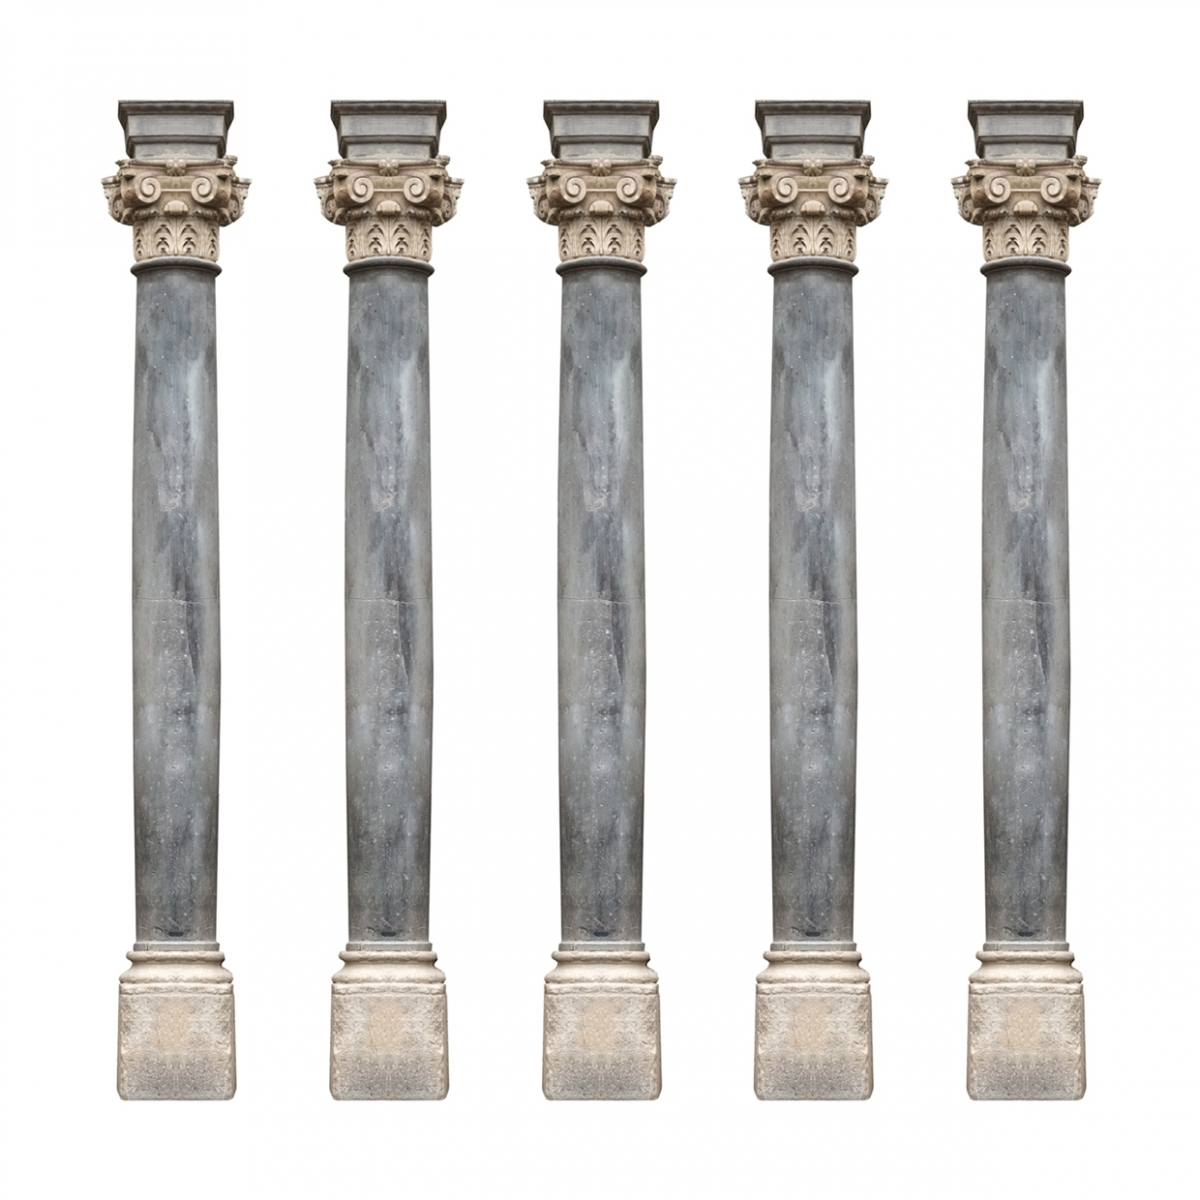 Imagen en la que se ven varias columnas